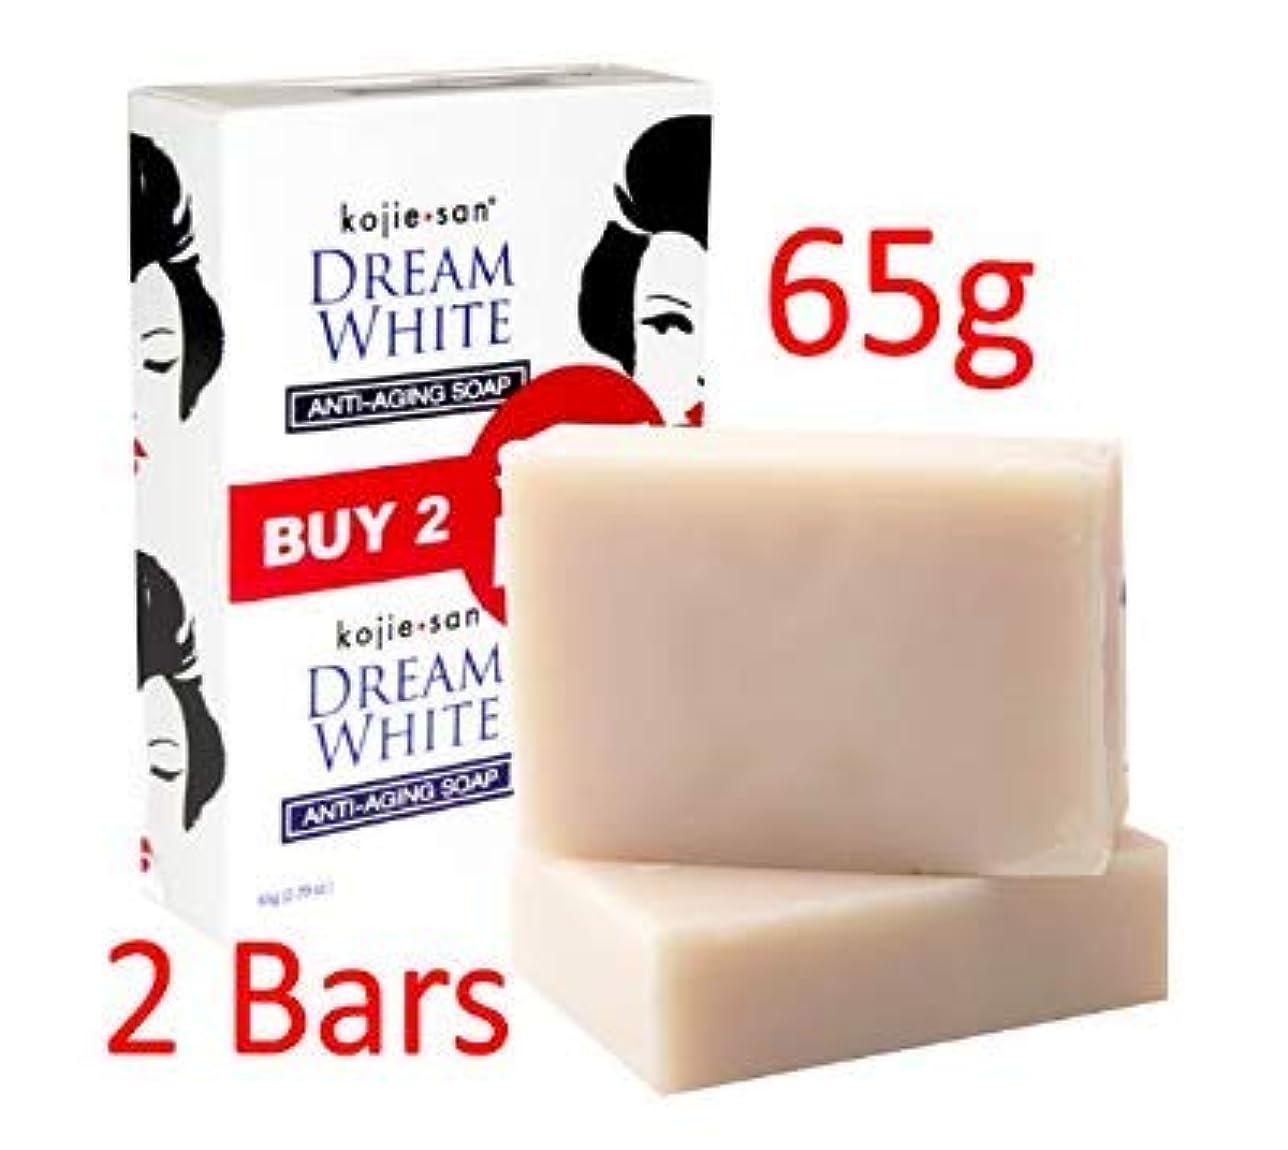 ロードされたポーターベルお得な2個パック Kojie san soap Dream White 2pcs こじえさん ドリームホワイト 1個65g [並行輸入品]